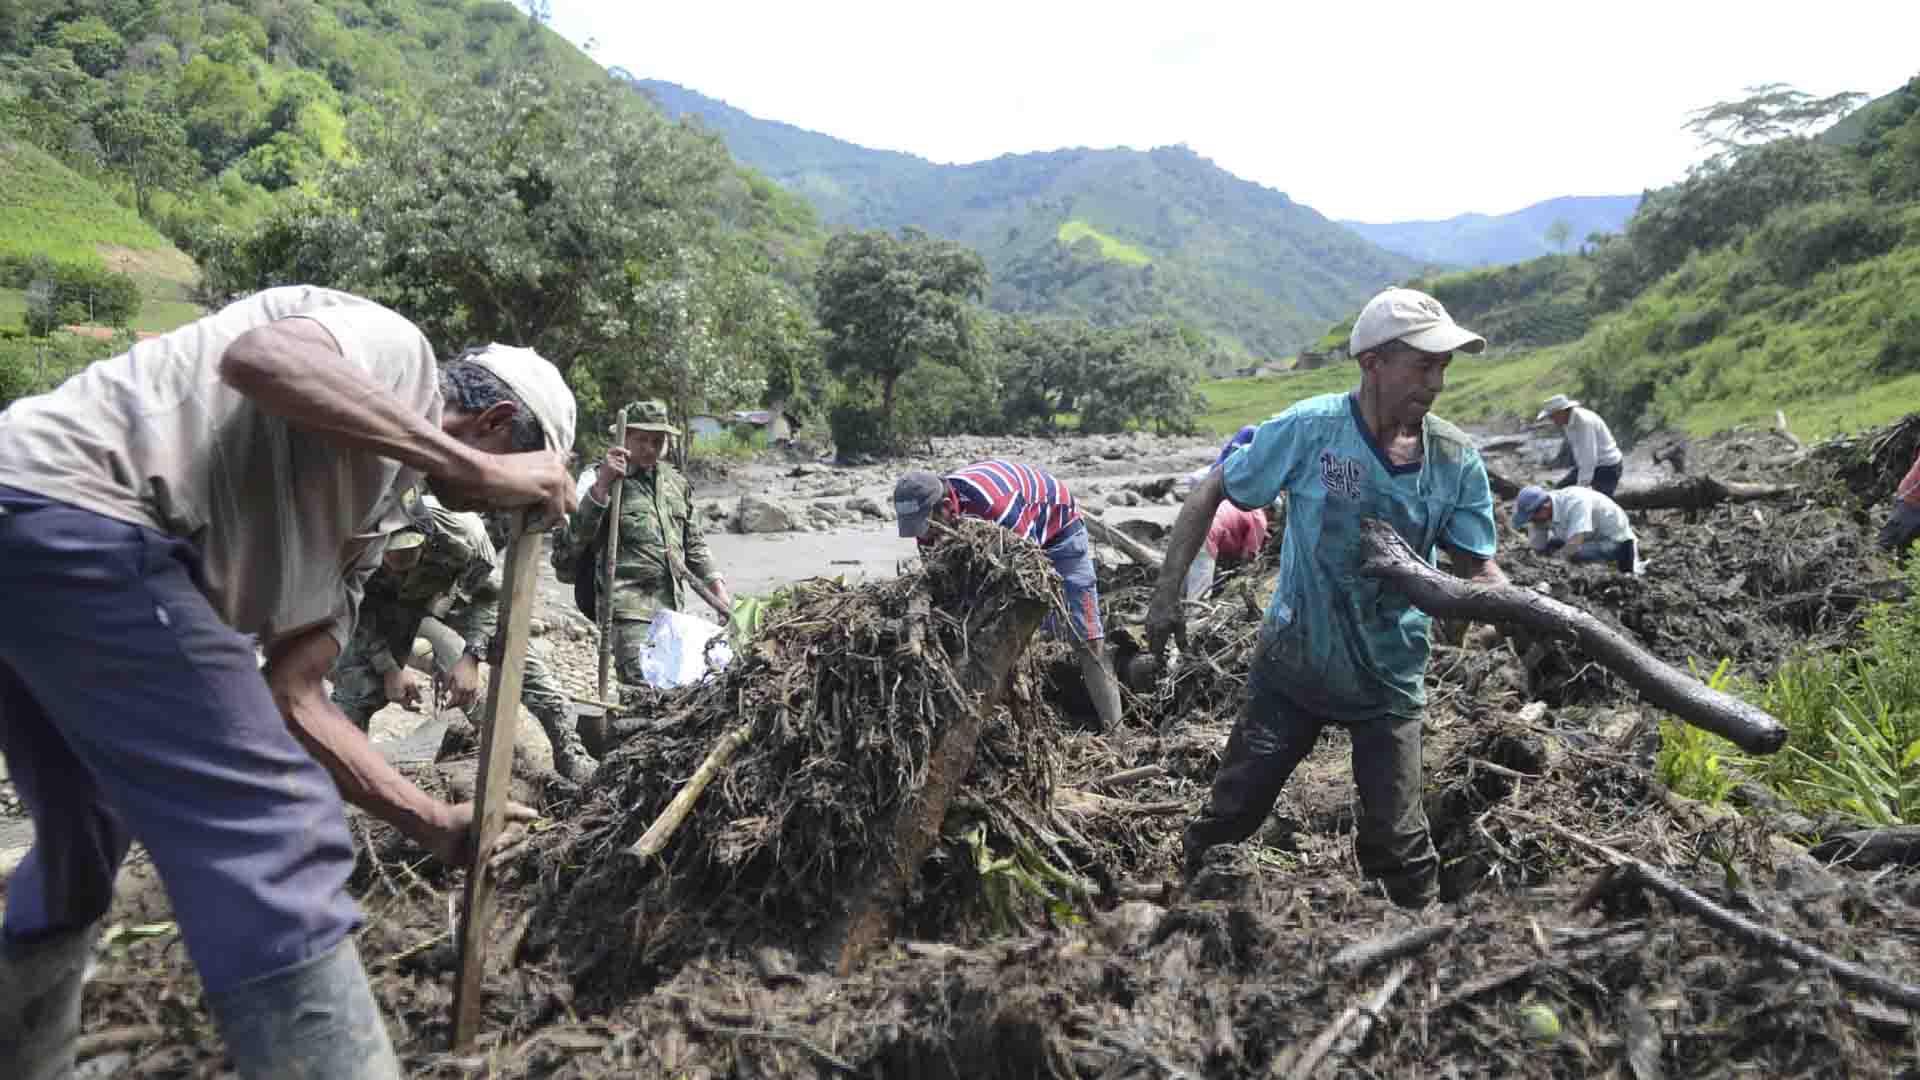 Otros seis indígenas resultaron heridos y fueron trasladados a centros asistenciales en Medellín